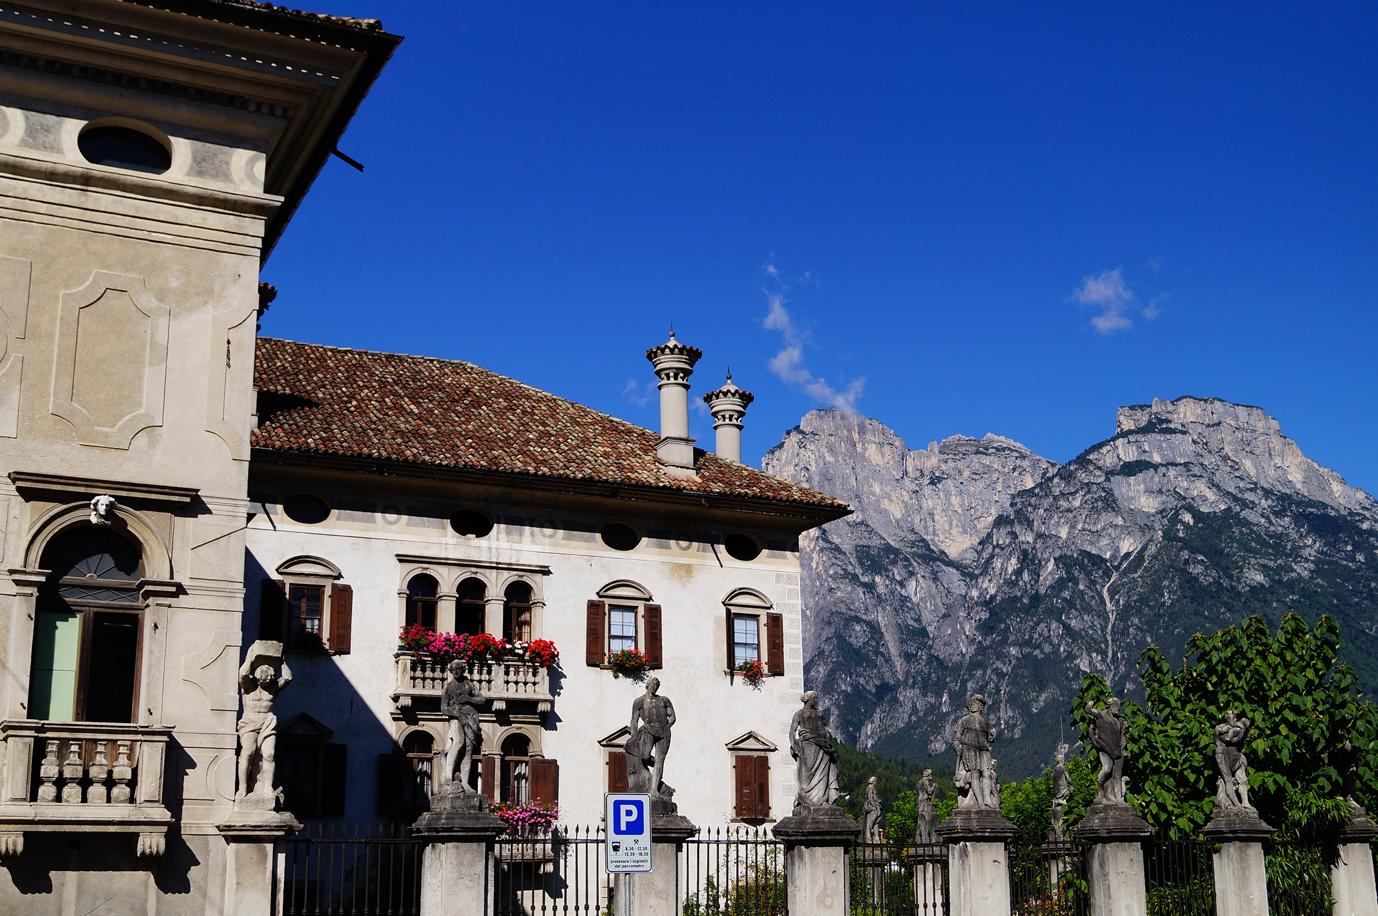 Palazzo De' Manzoni